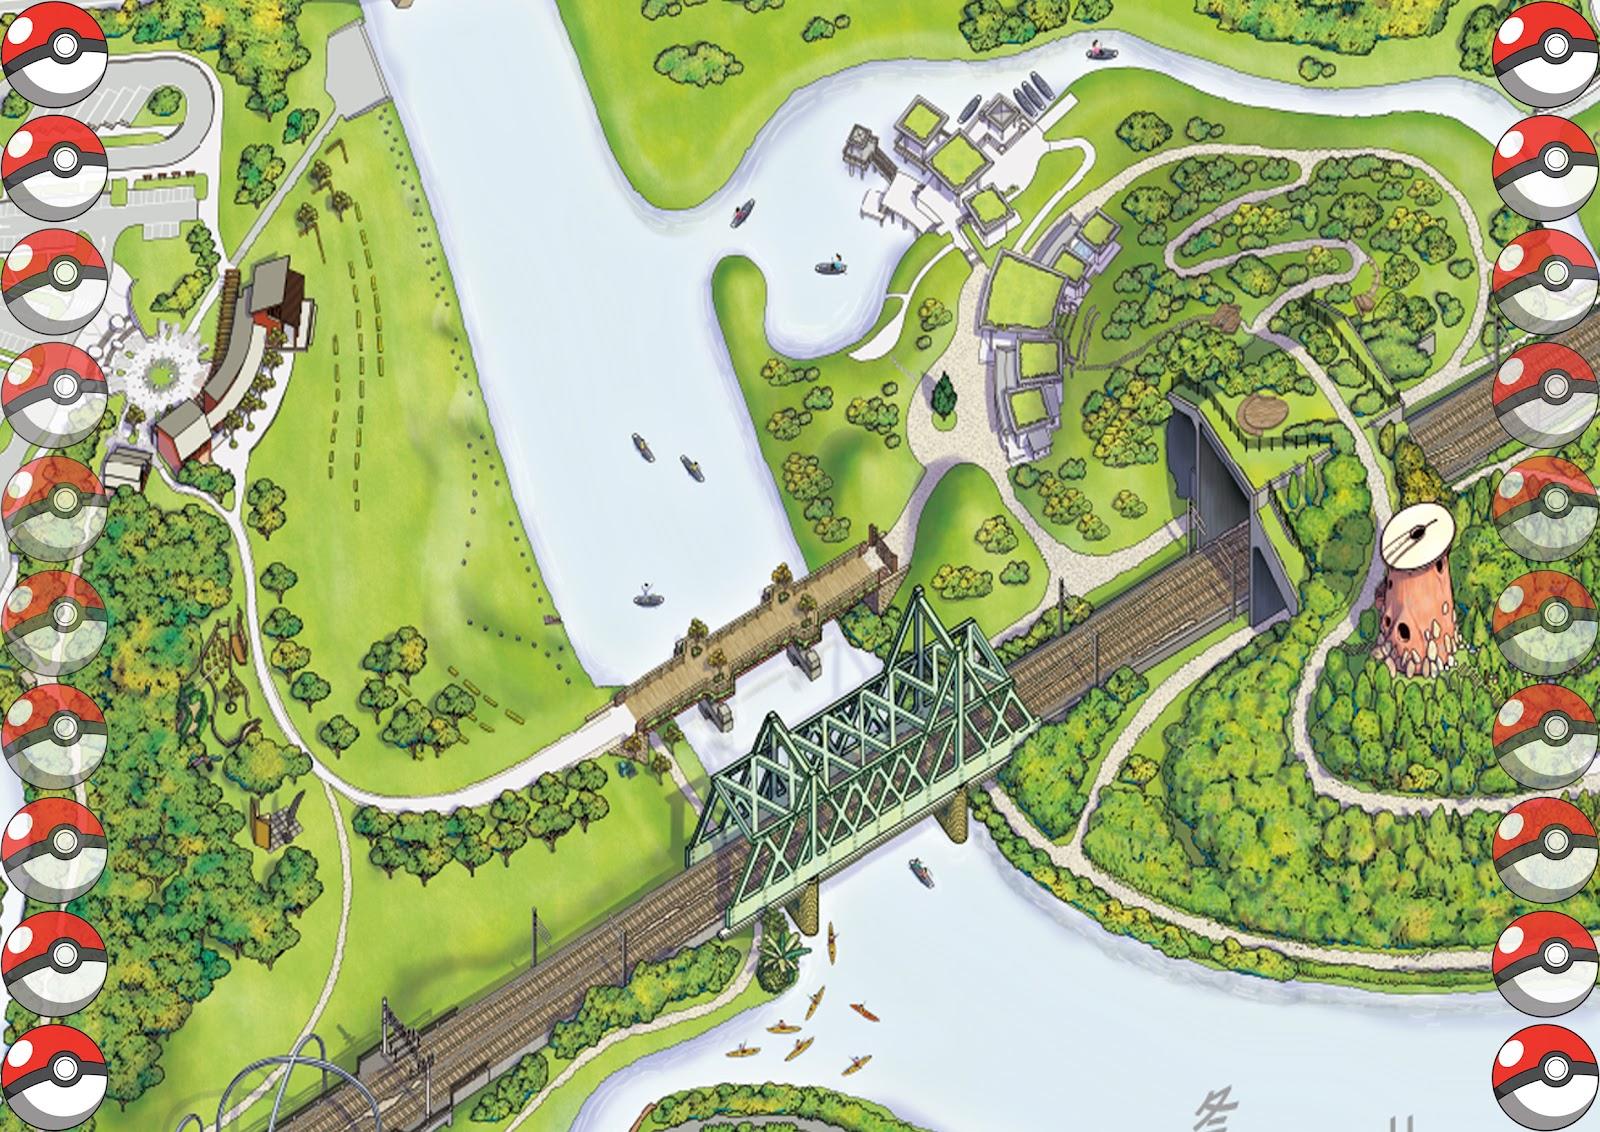 生態綠舟遊戲地圖_1.jpg